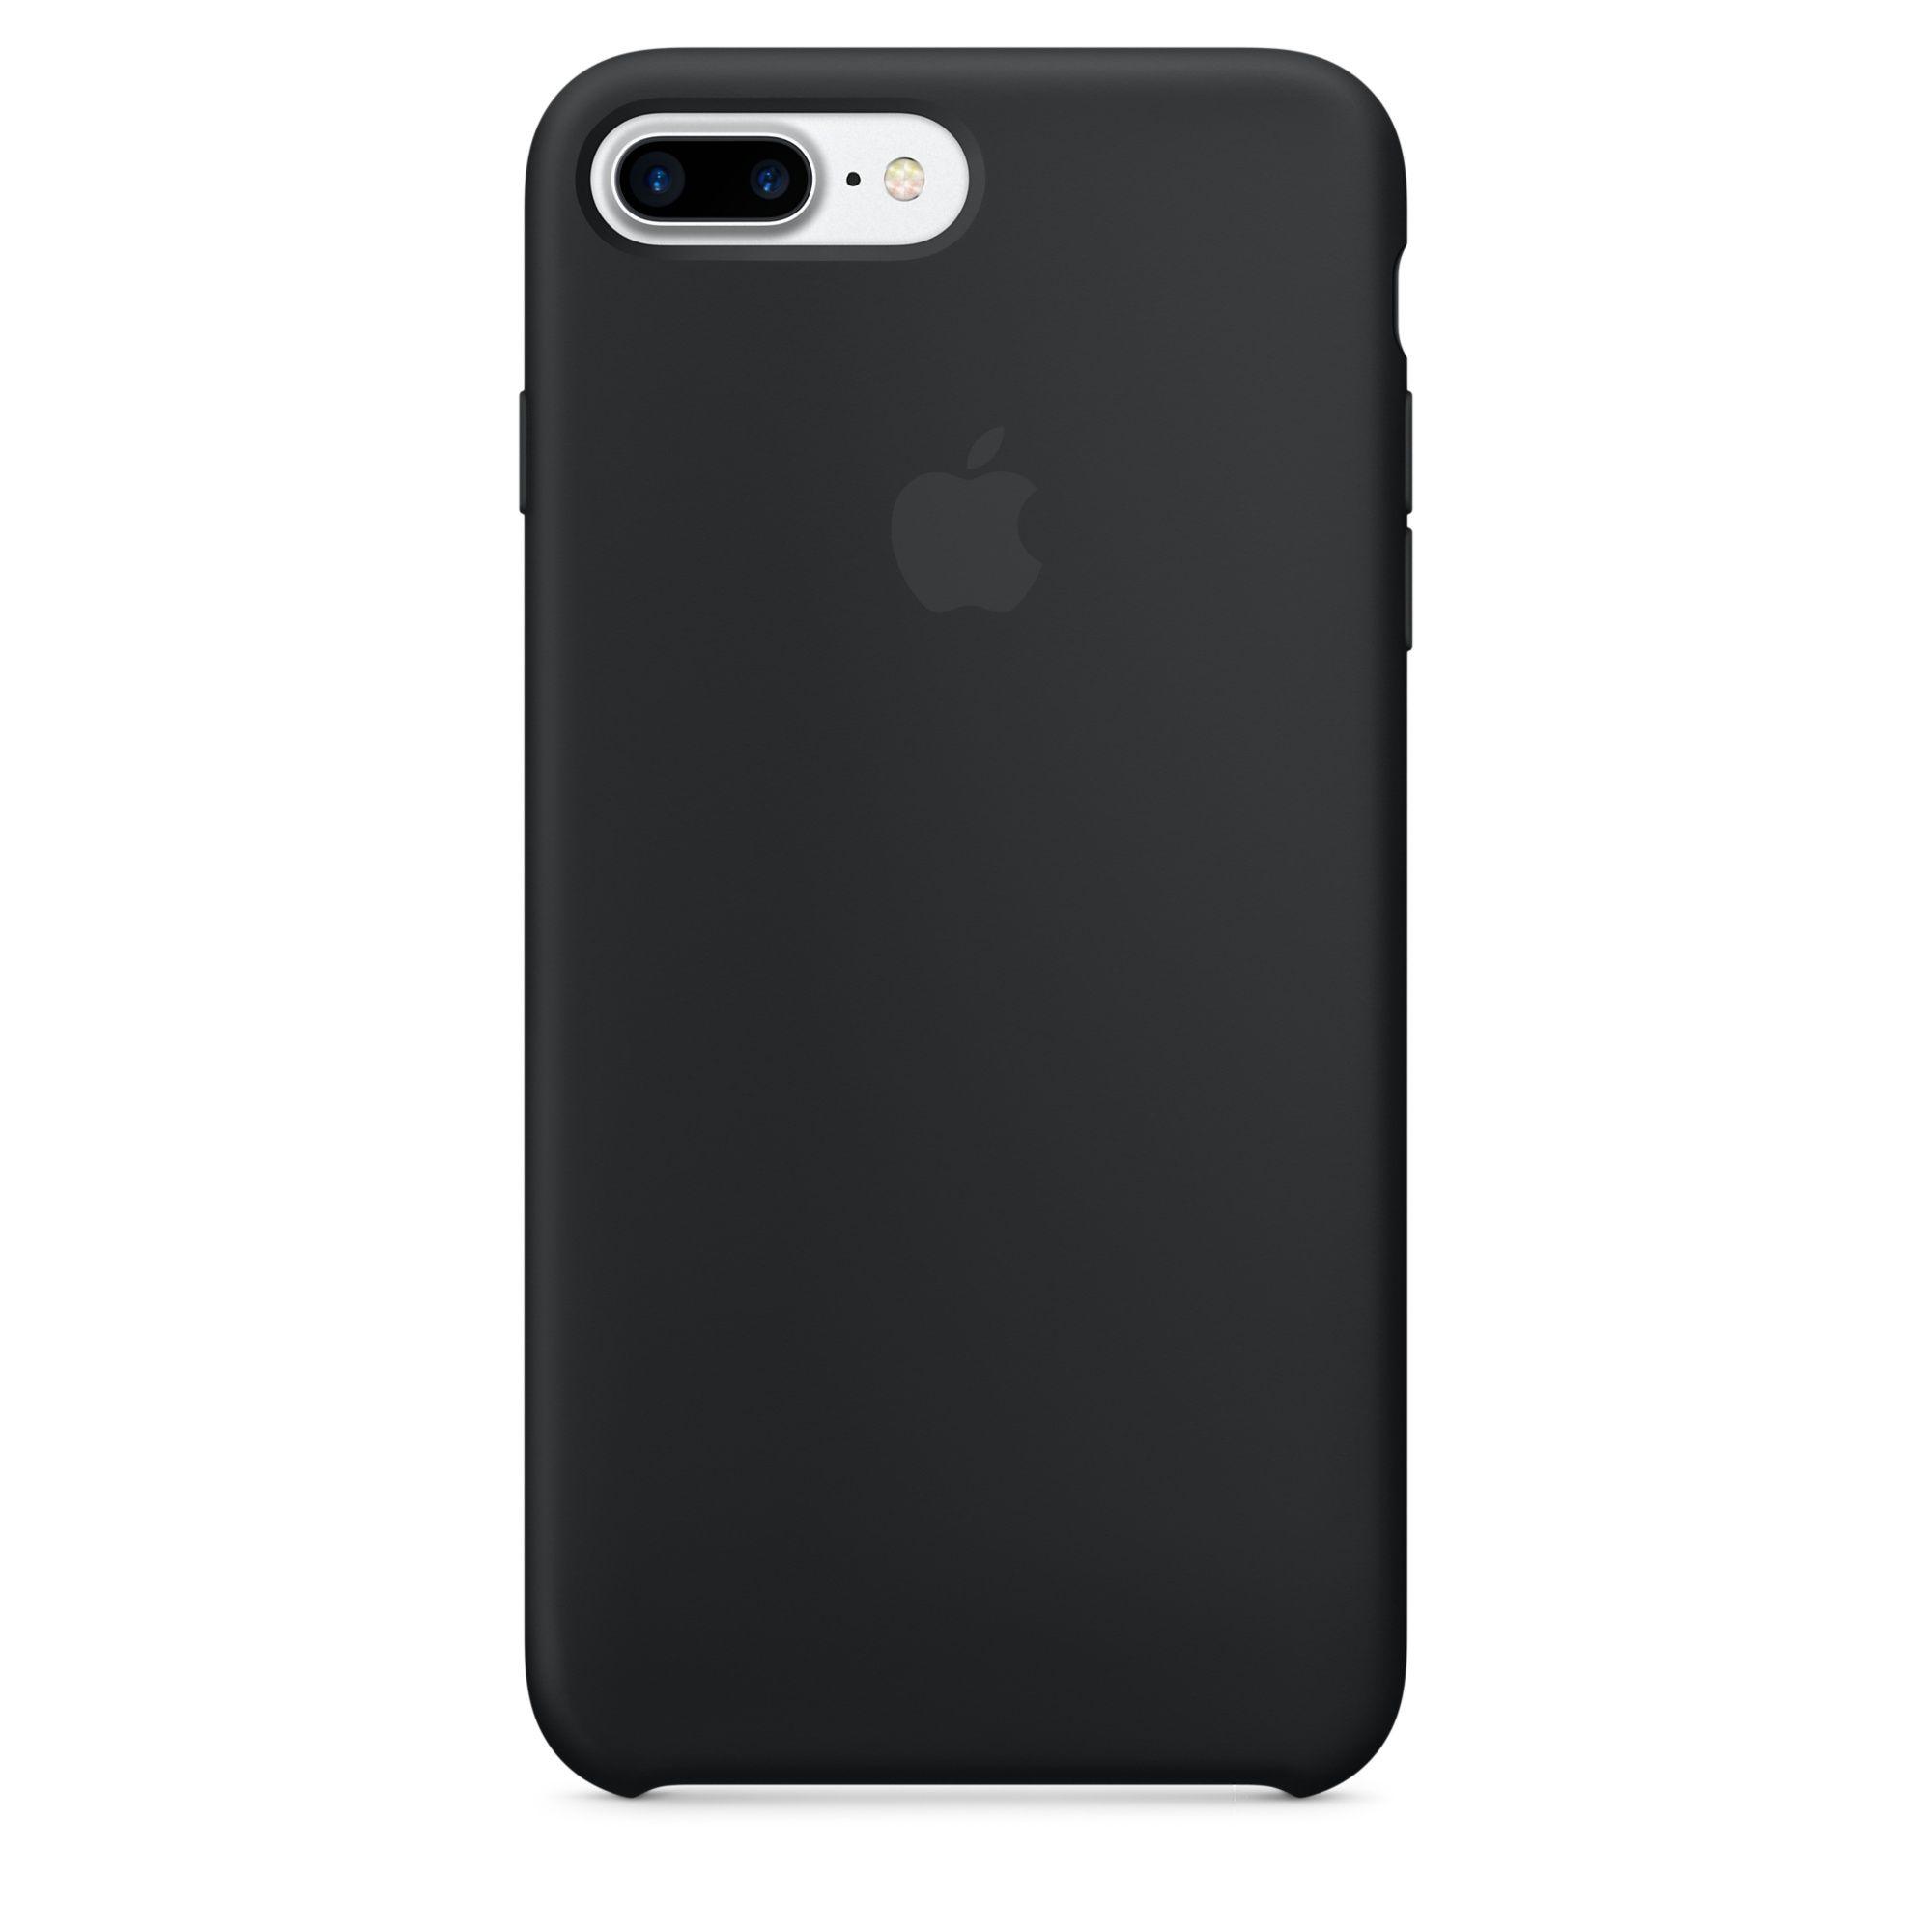 Apple Iphone 8 Plus 7 Plus Silikon Case Schwarz In 2020 Iphone Ledertasche Iphone 8 Plus Apple Iphone